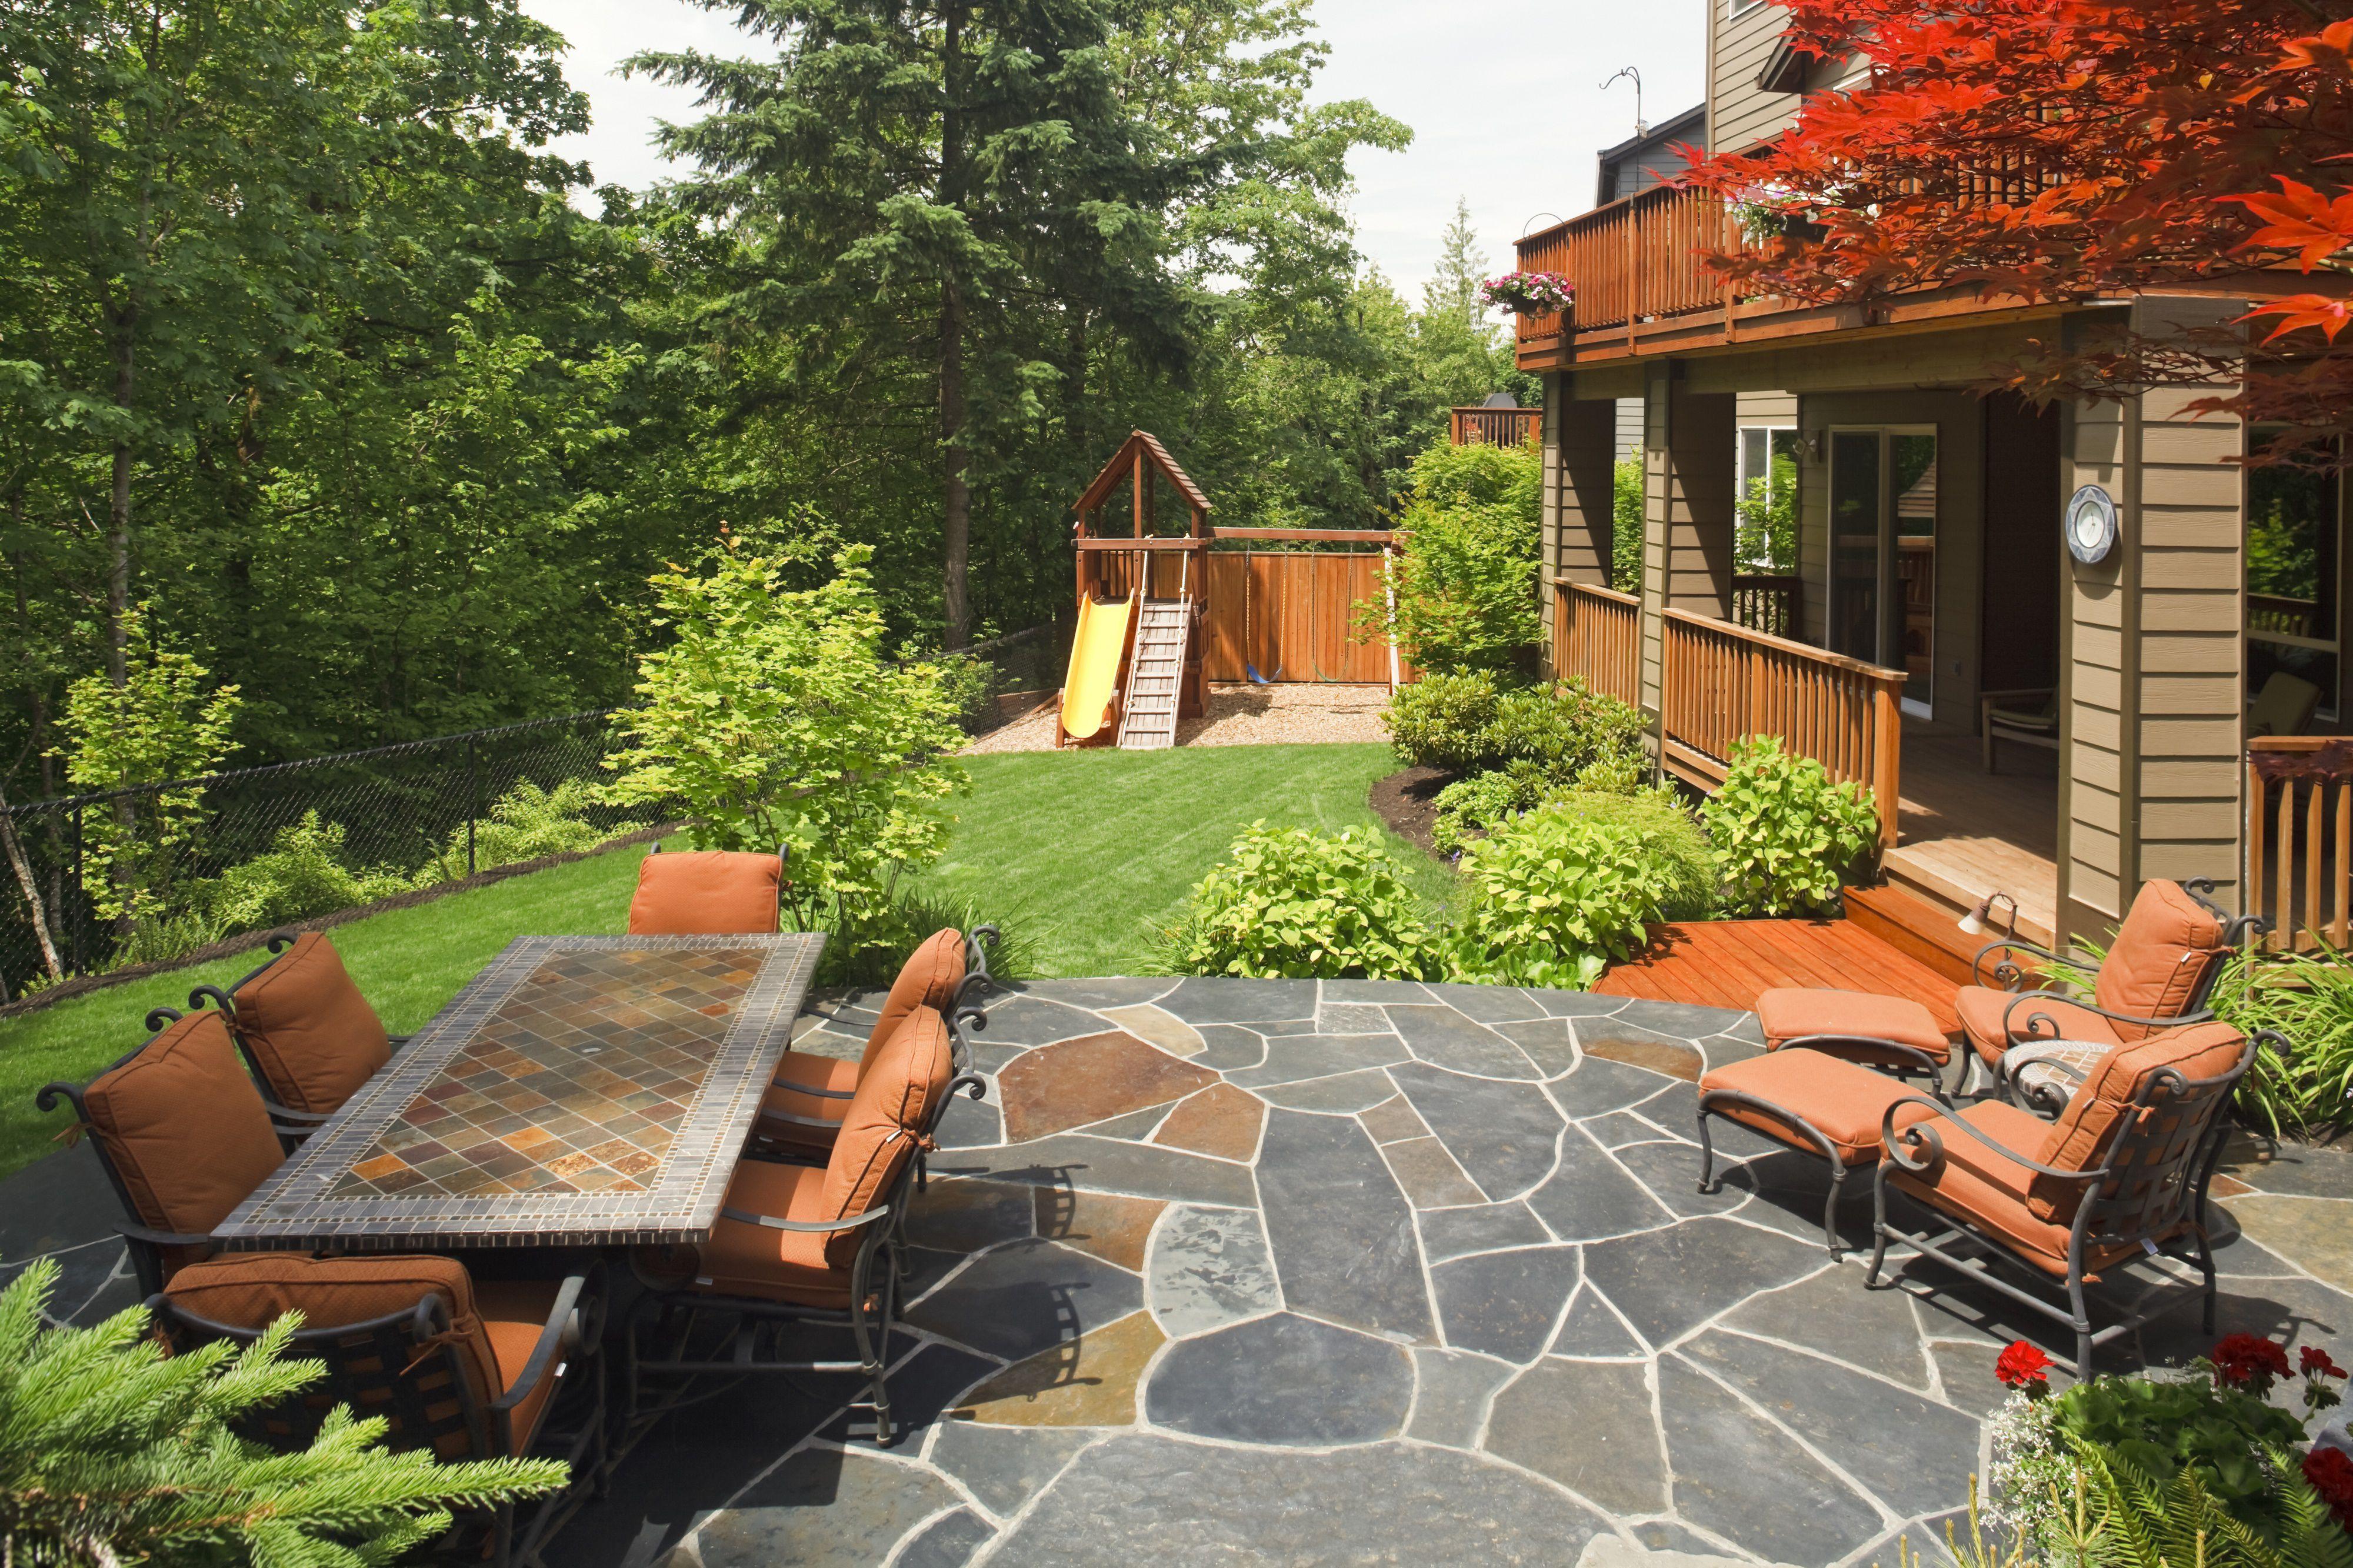 patio con patio de lajas